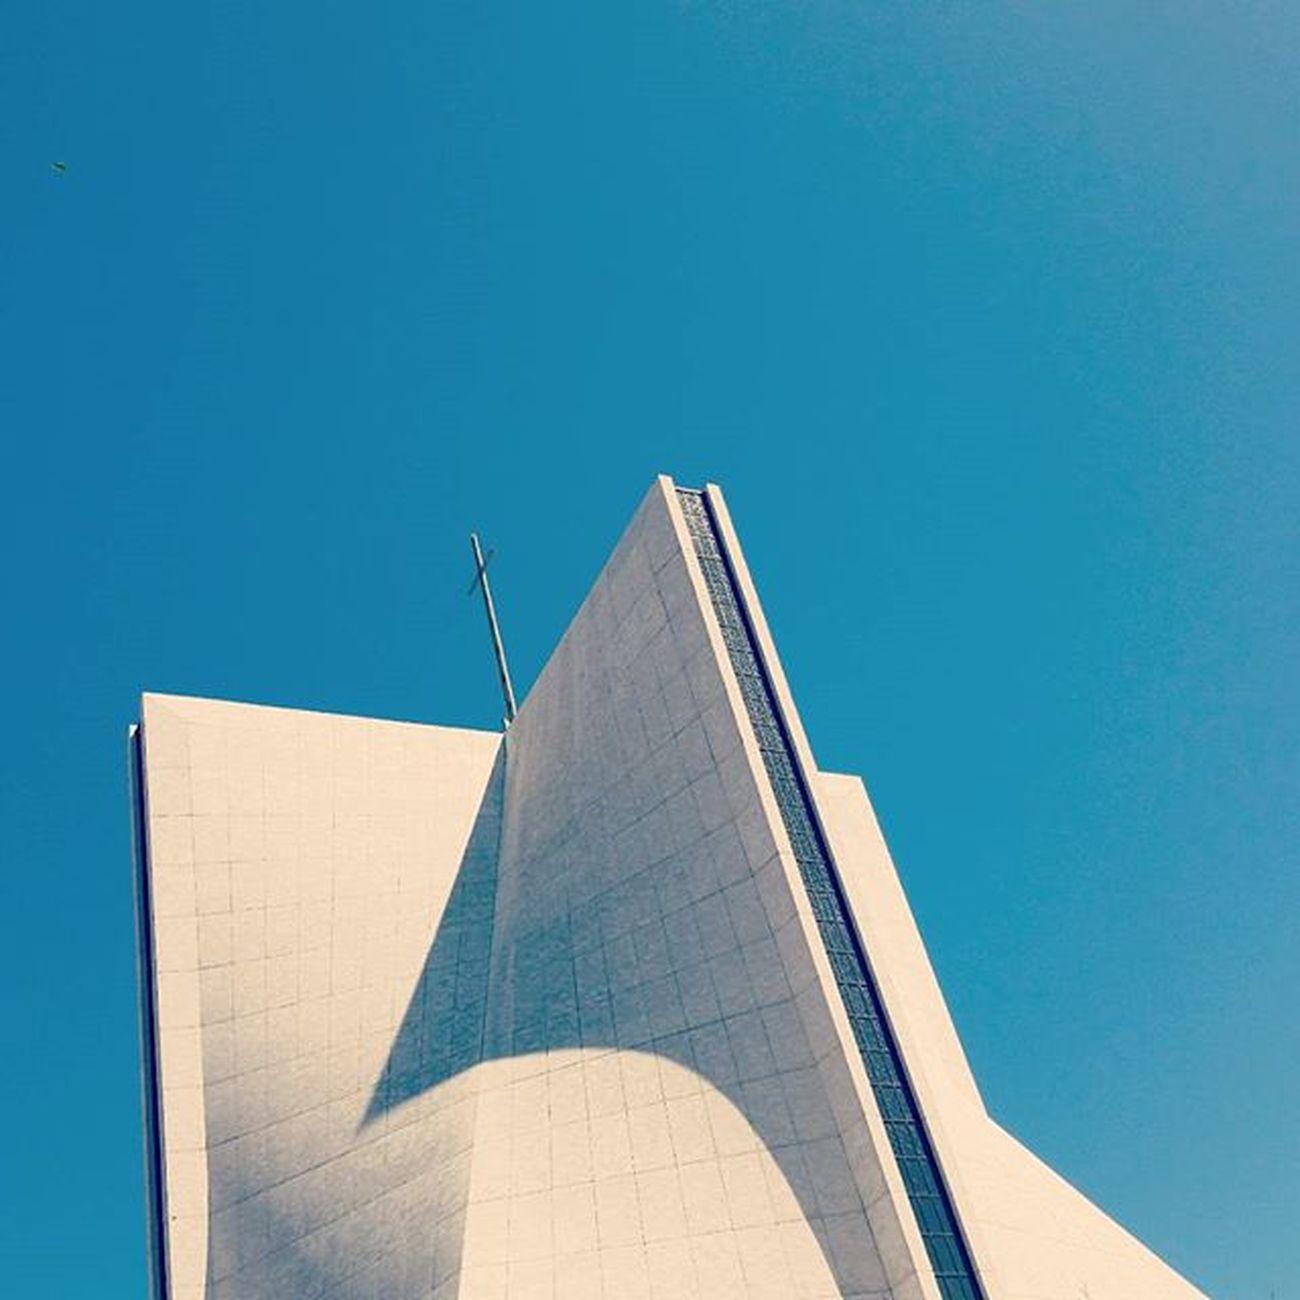 Ig_architettura Ig_artgallery Ig_architecturelovers Ig_archi Arquitectura Arquitecture Arquitectureporn